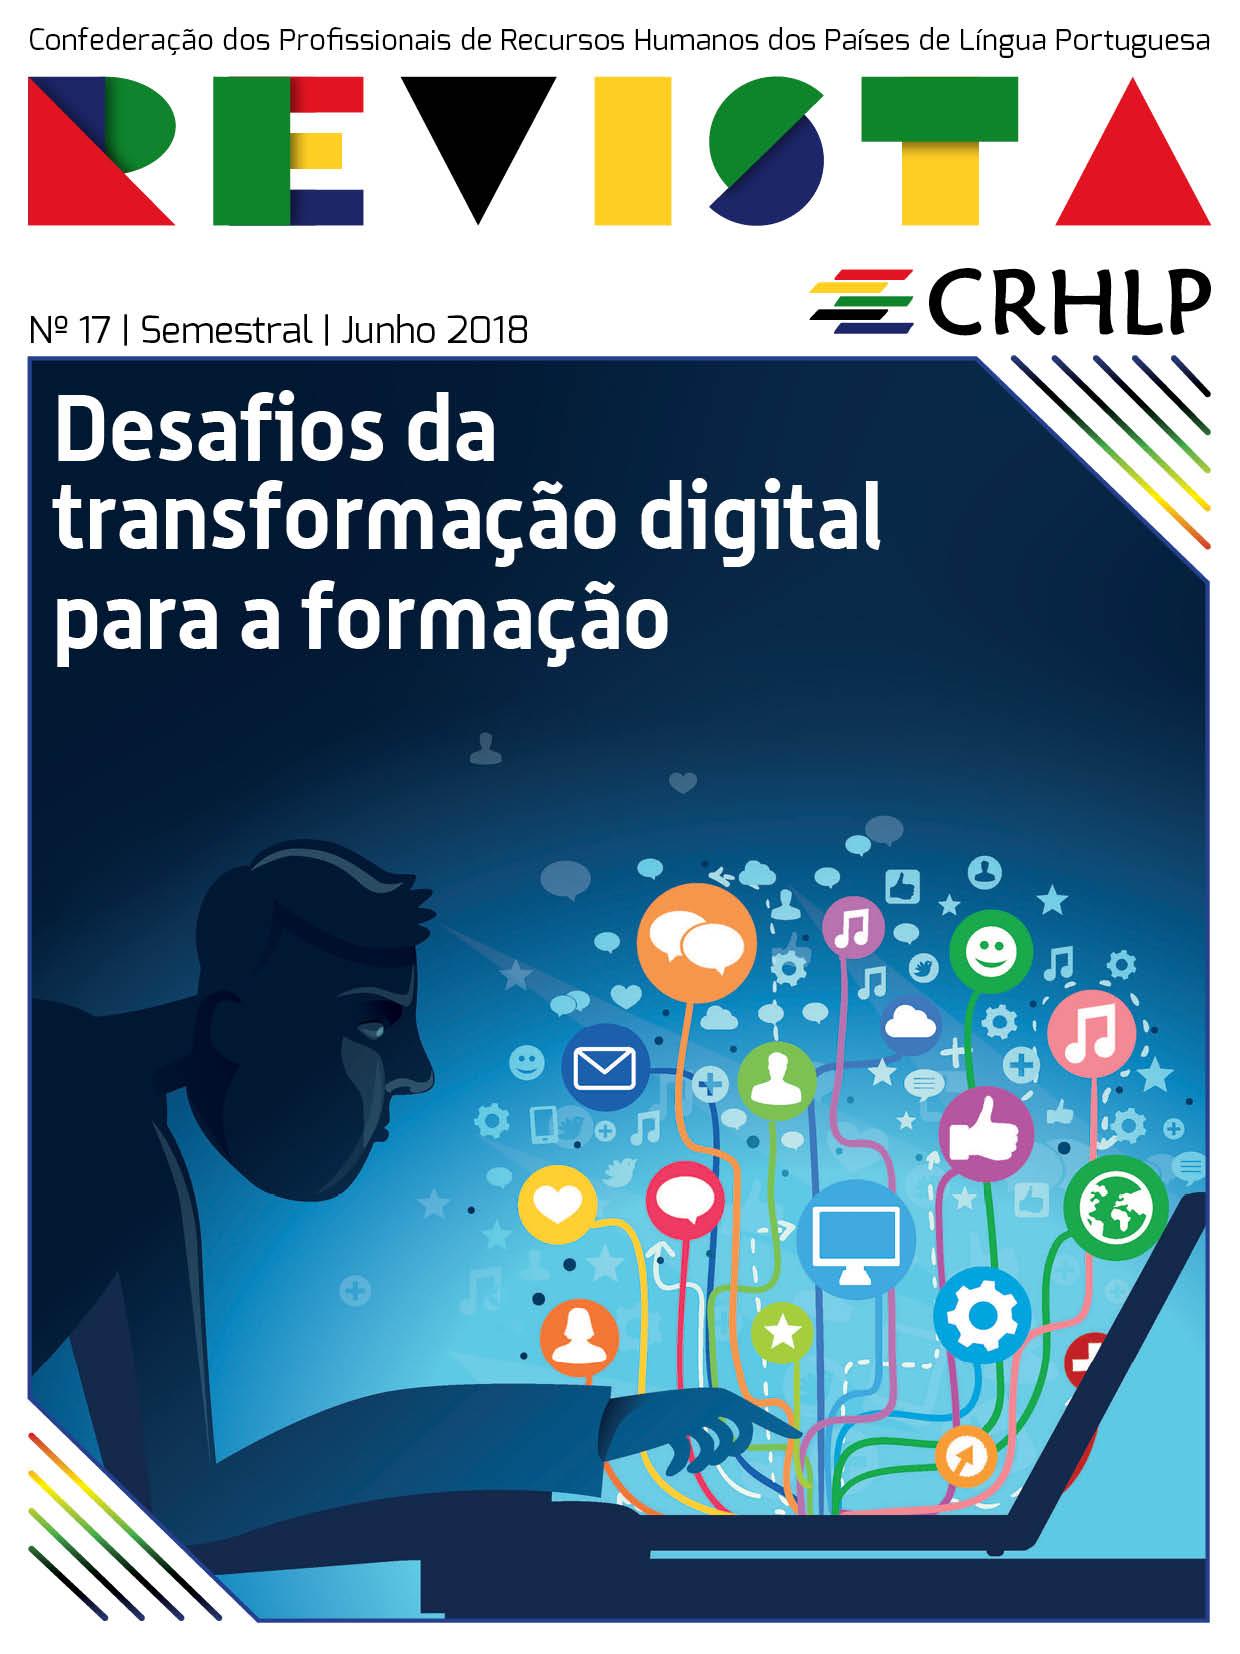 CRHLP nº17